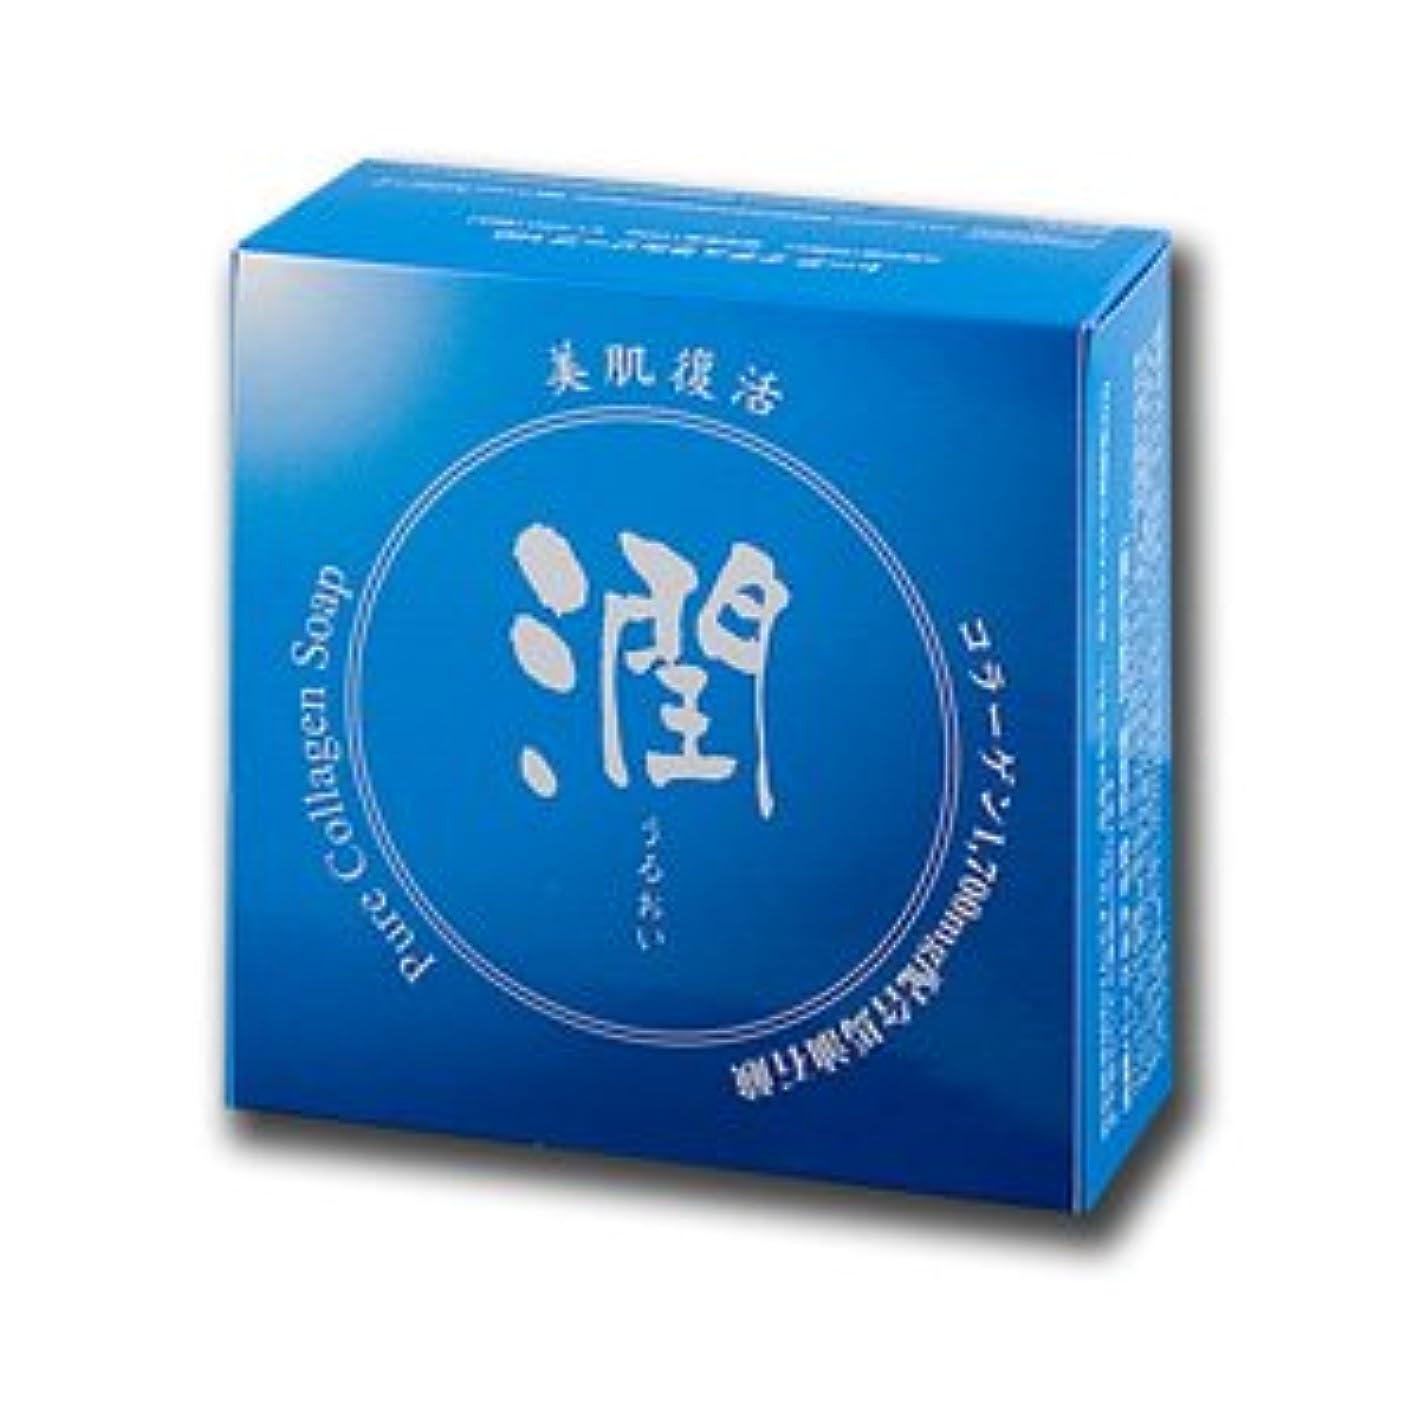 束ねる部屋を掃除するペルメルコラーゲン馬油石鹸 潤 100g (#800410) ×10個セット